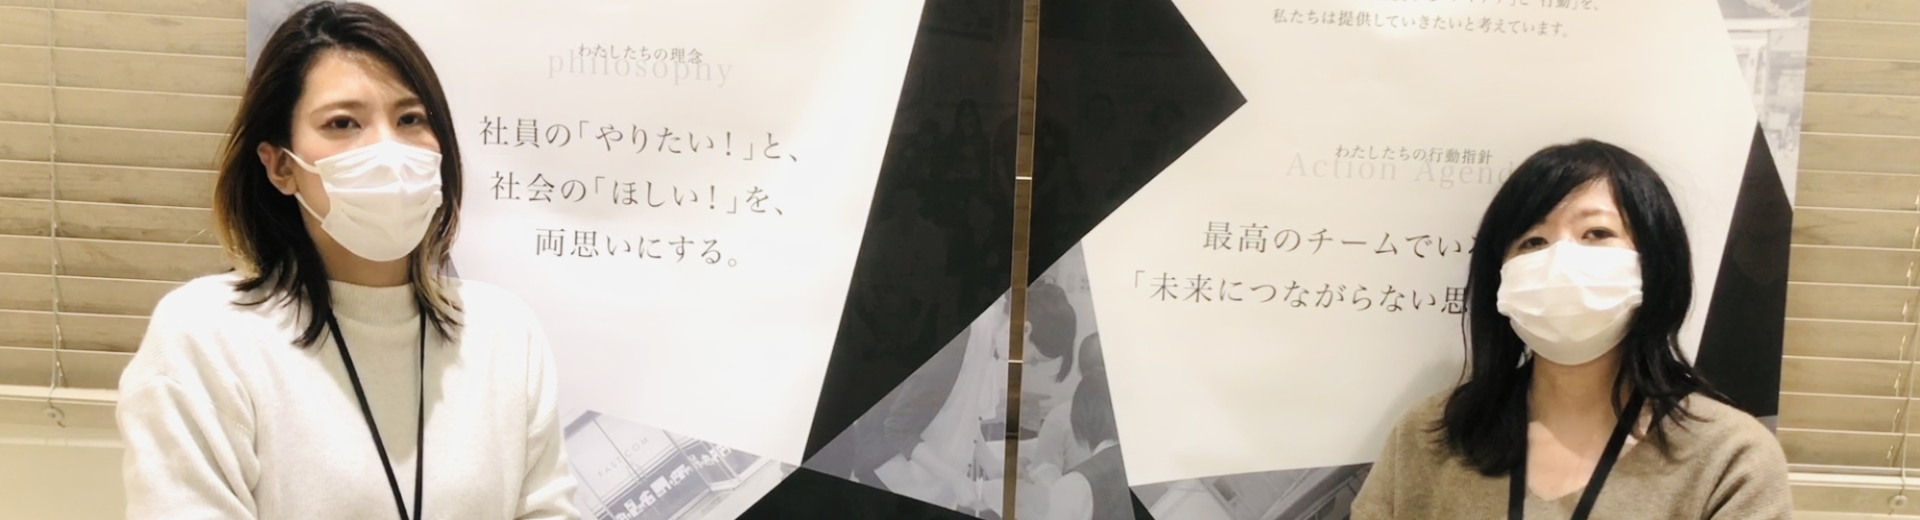 橋本・伊藤の写真